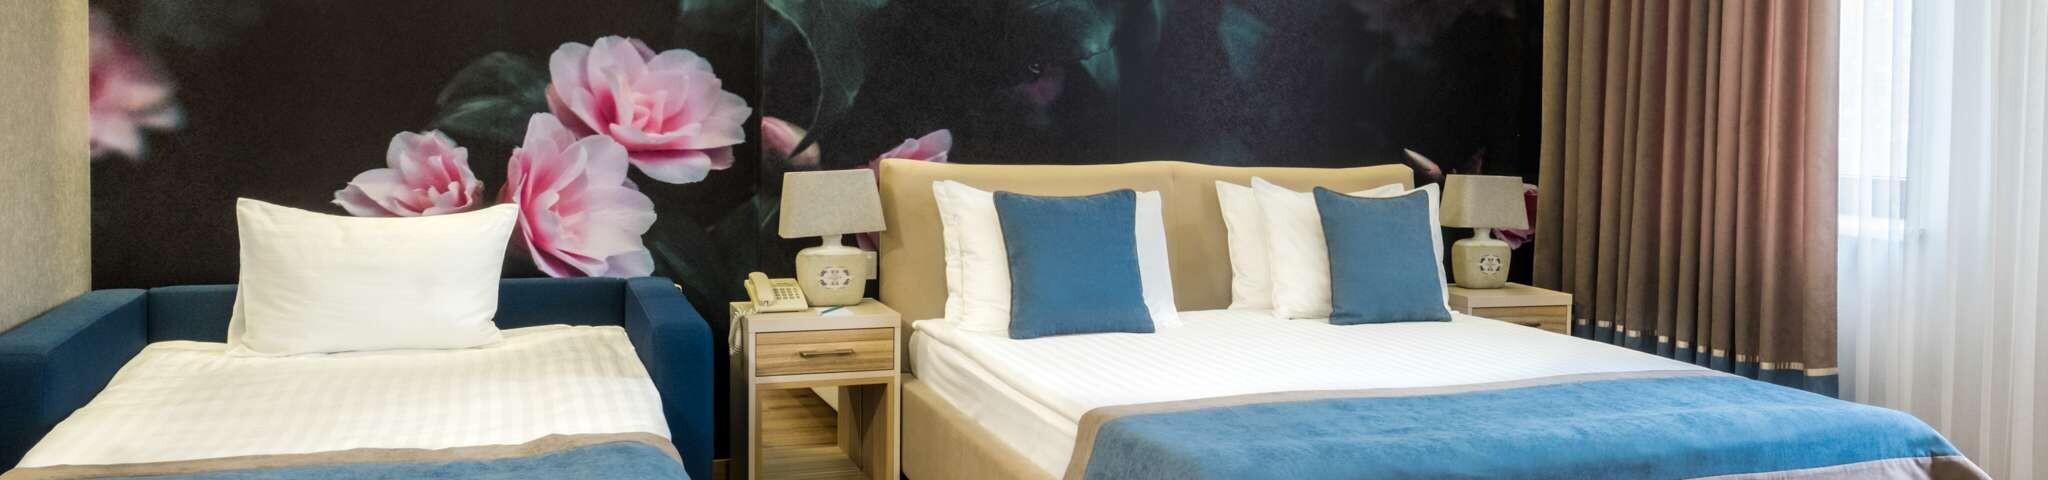 Travel-гороскоп от Redling Hotel на 2021 год 2